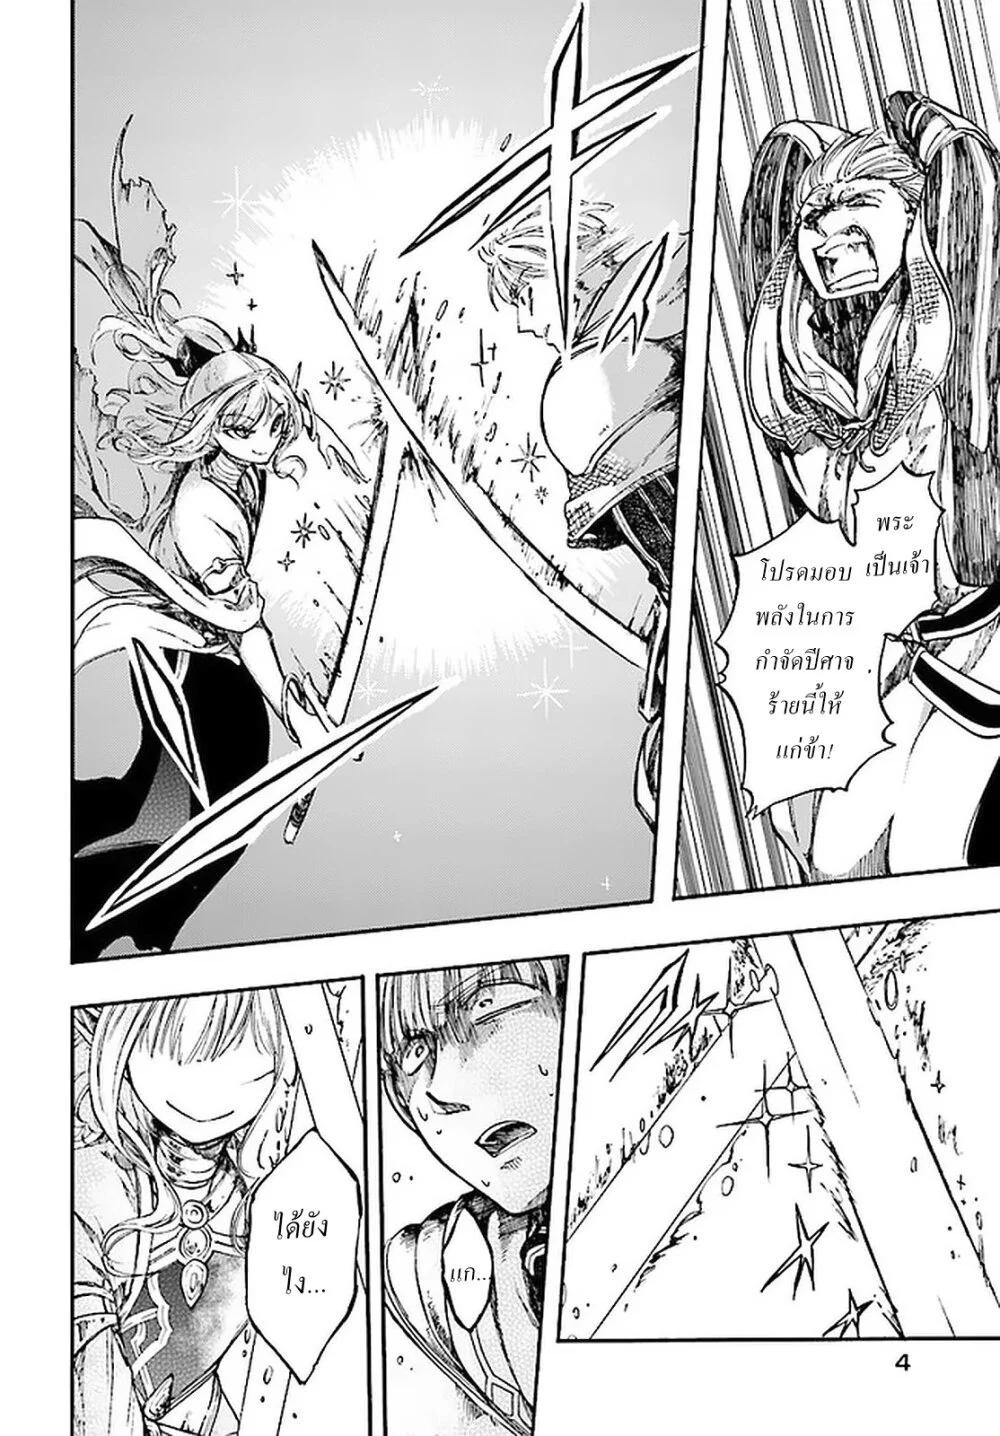 อ่านการ์ตูน Isekai Apocalypse MYNOGHRA ~The Conquest of the World Starts With the Civilization of Ruin~ ตอนที่ 8 หน้าที่ 4